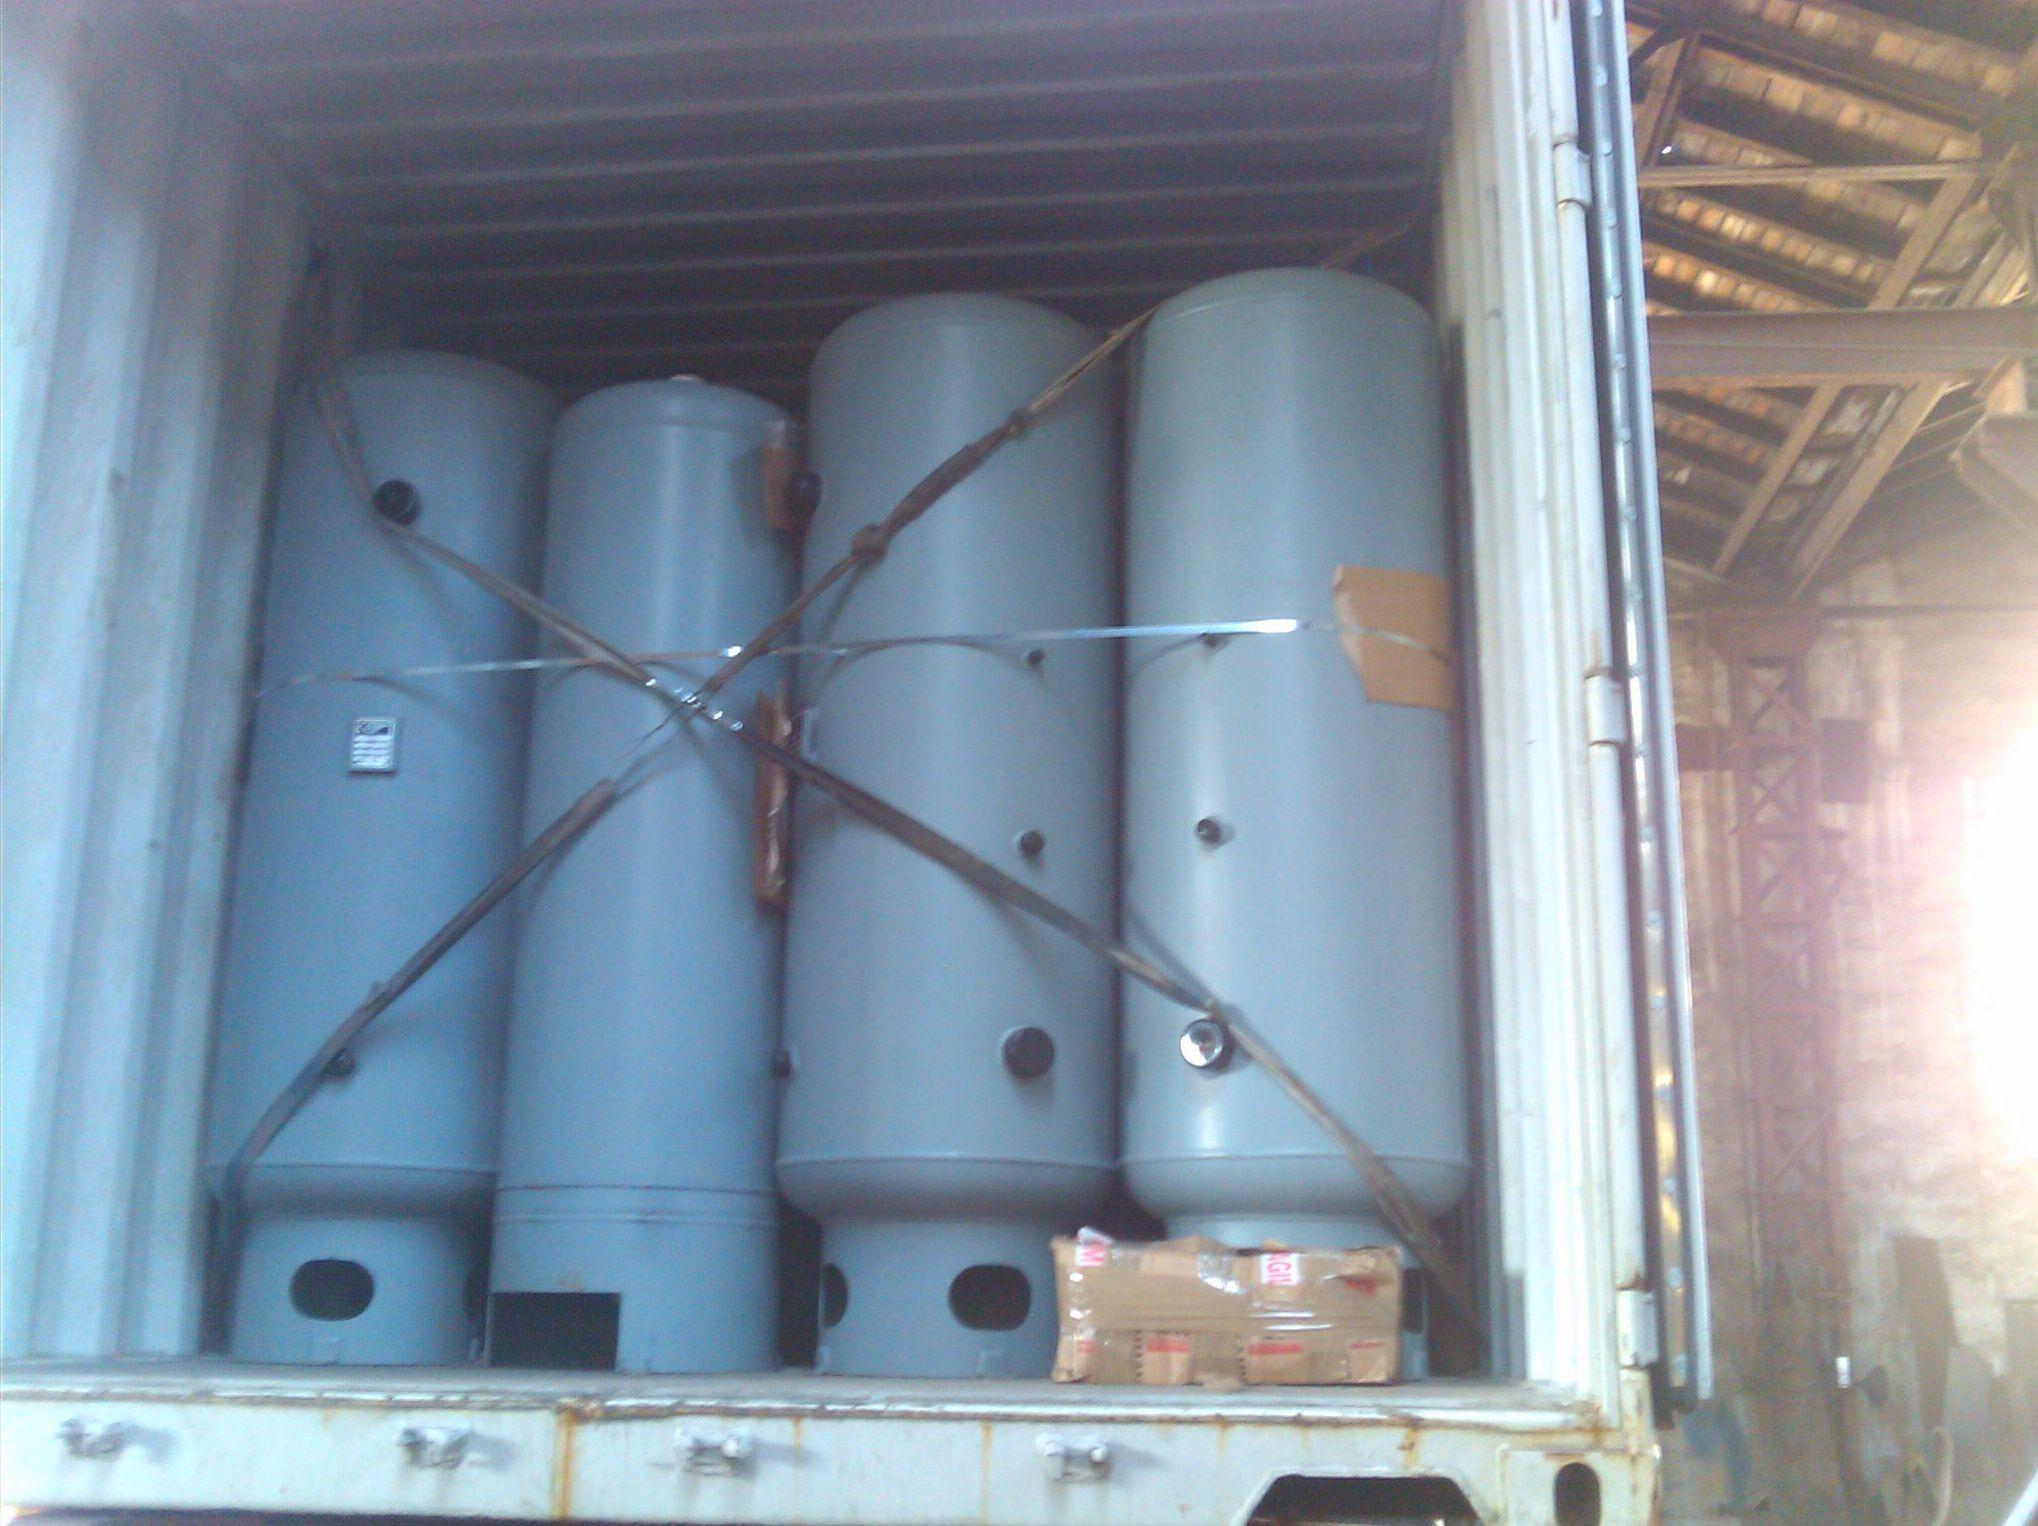 Depóstios a presión para oxigeno con destino a EEUU en contenedor par envío en barco